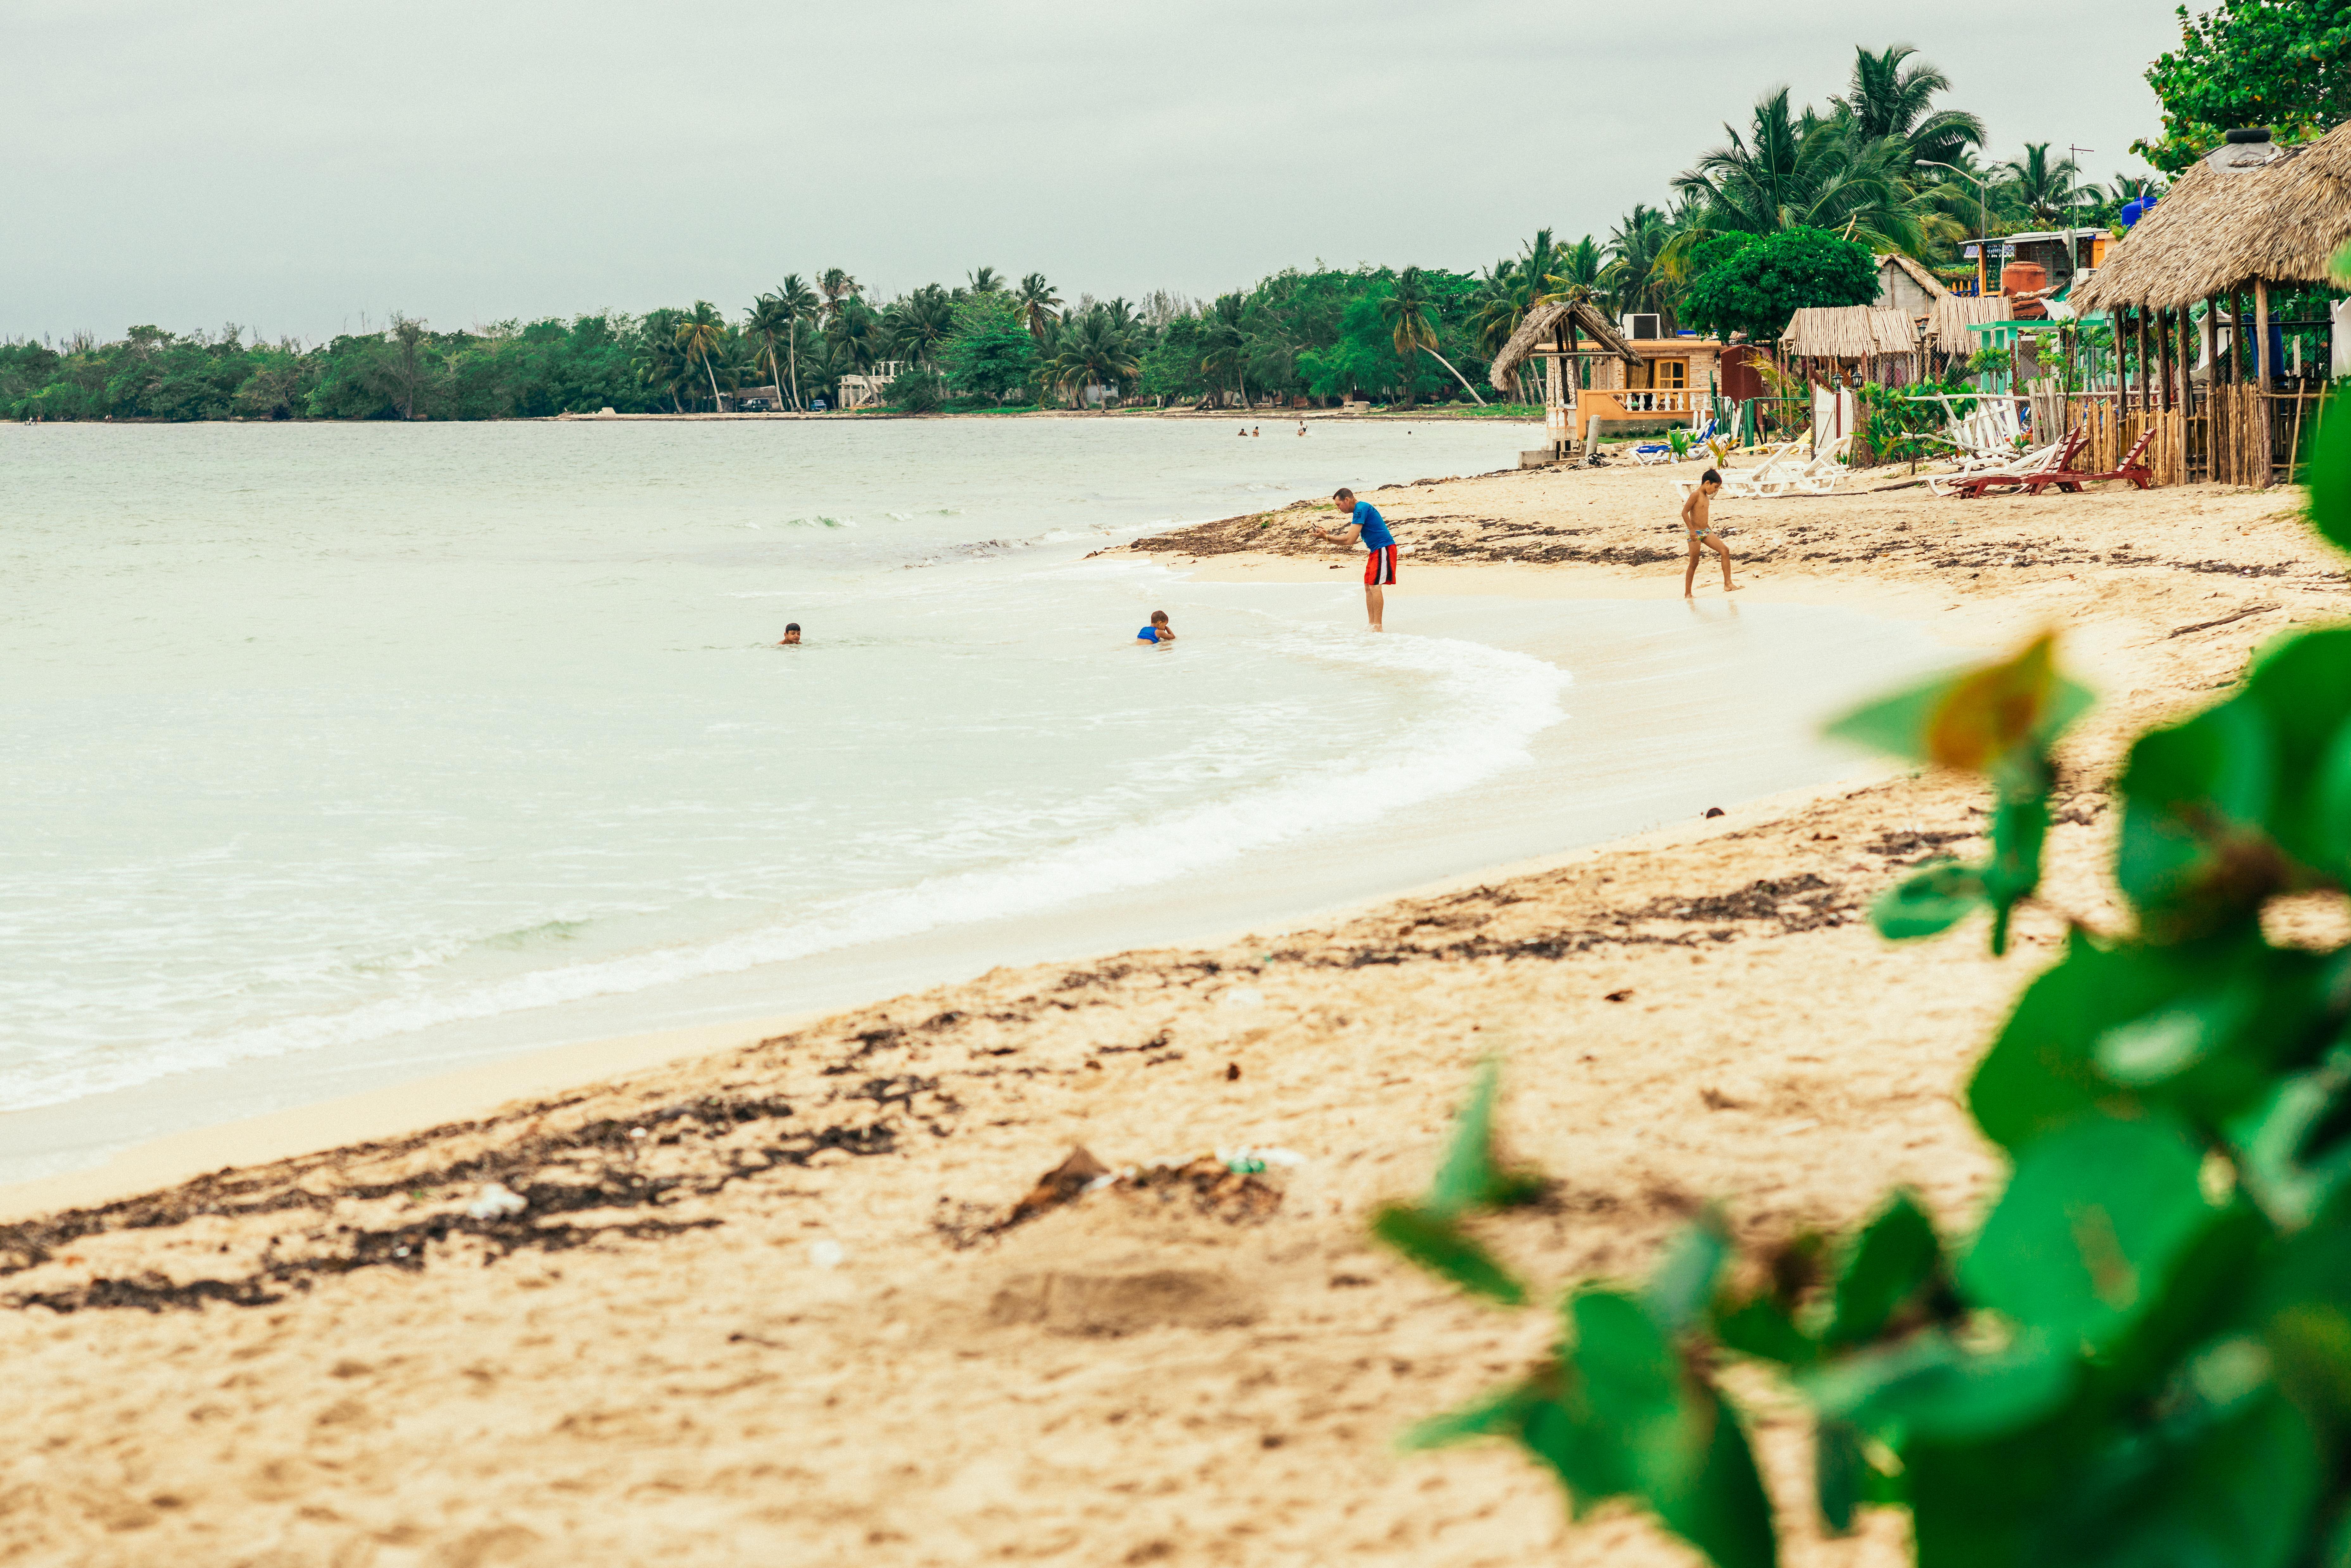 Ein Strand in Kuba an dem sich einige Menschen aufhalten.